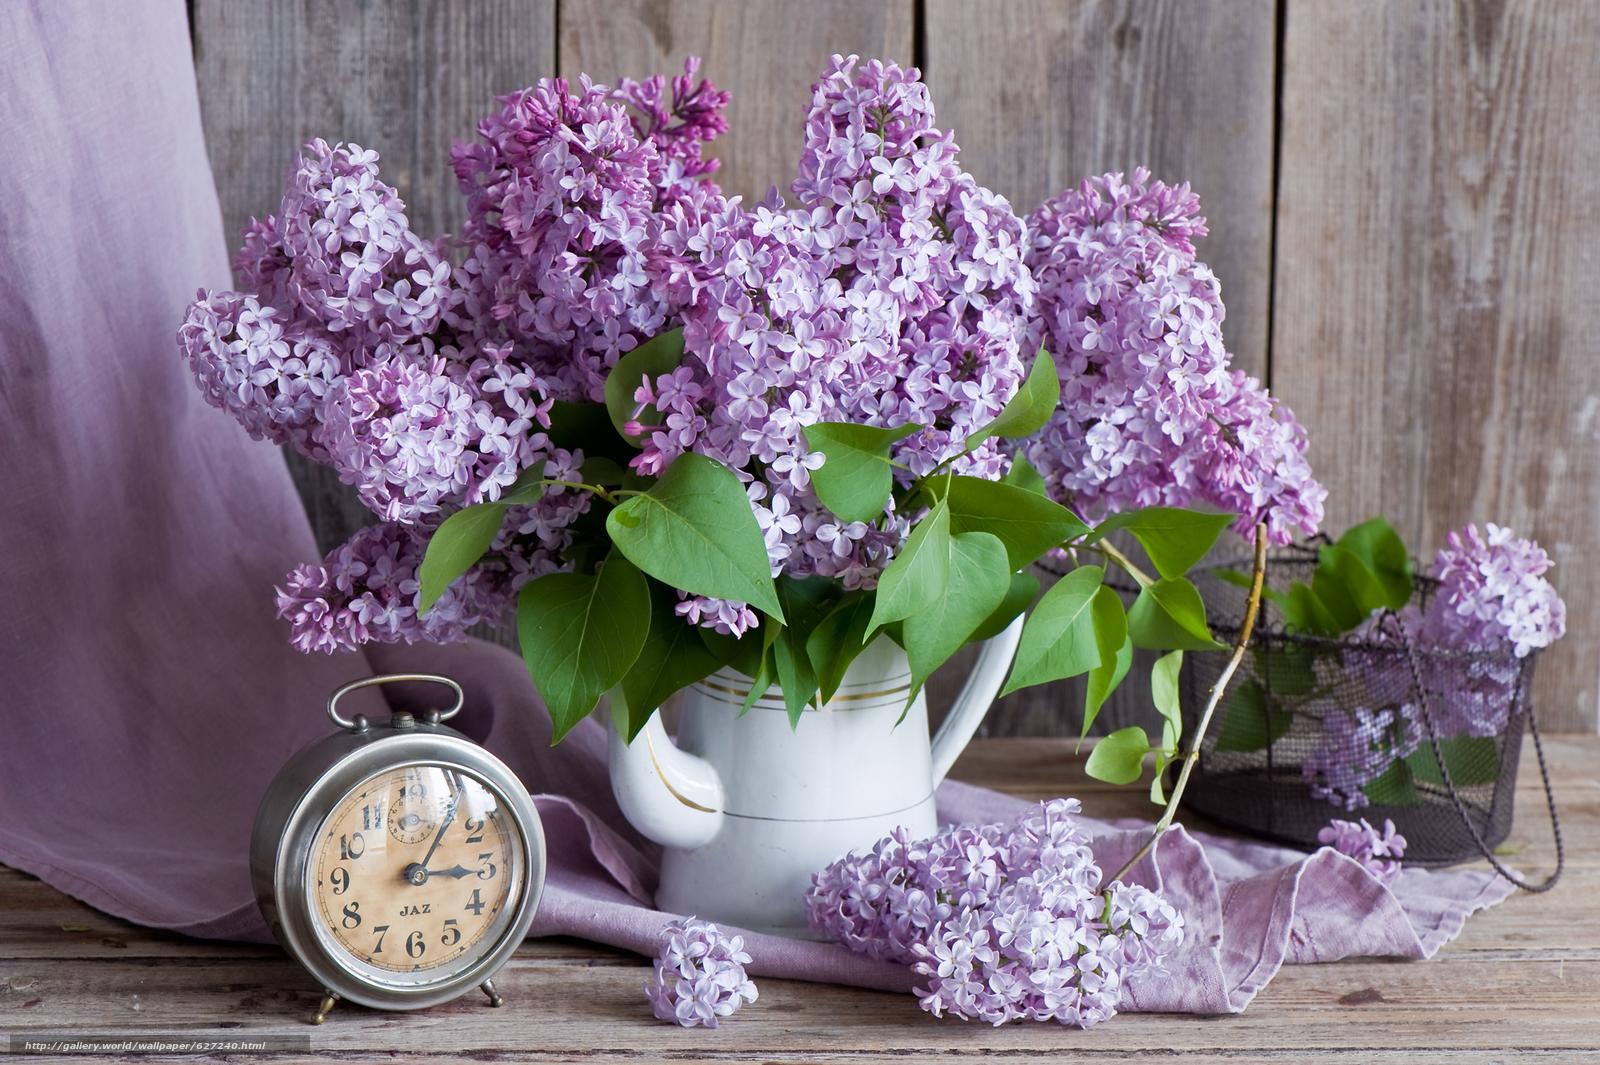 Tlcharger fond d 39 ecran lilas bouquet r veil voir fonds for Bouquet de fleurs lilas